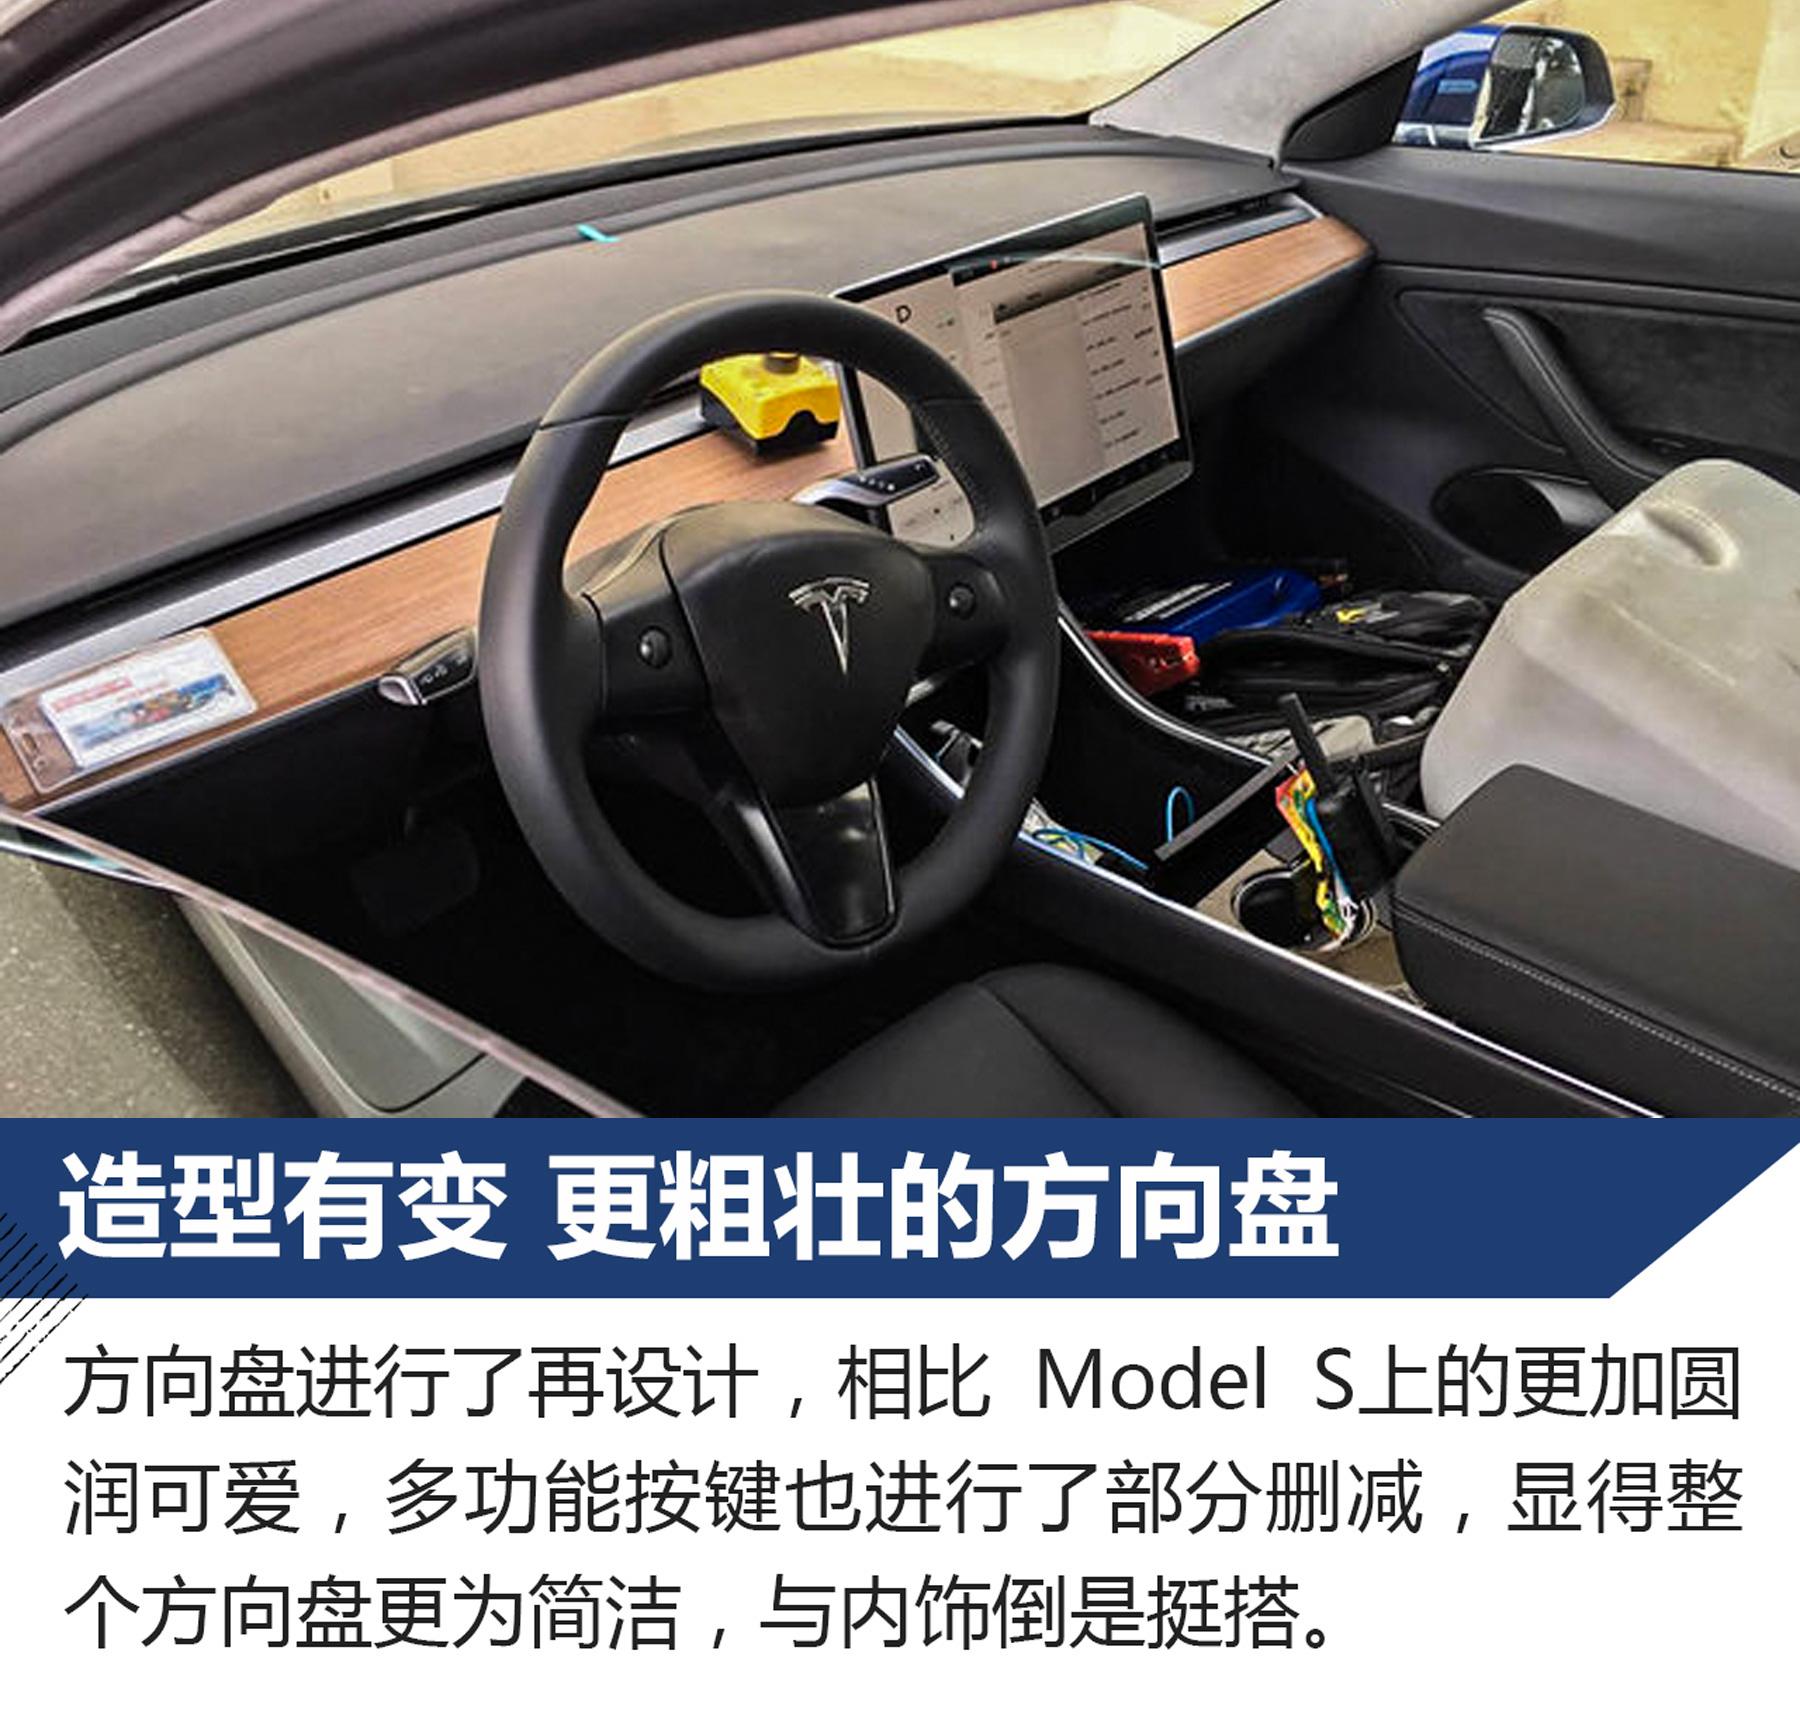 无需过度迷恋 特斯拉Model 3 解析